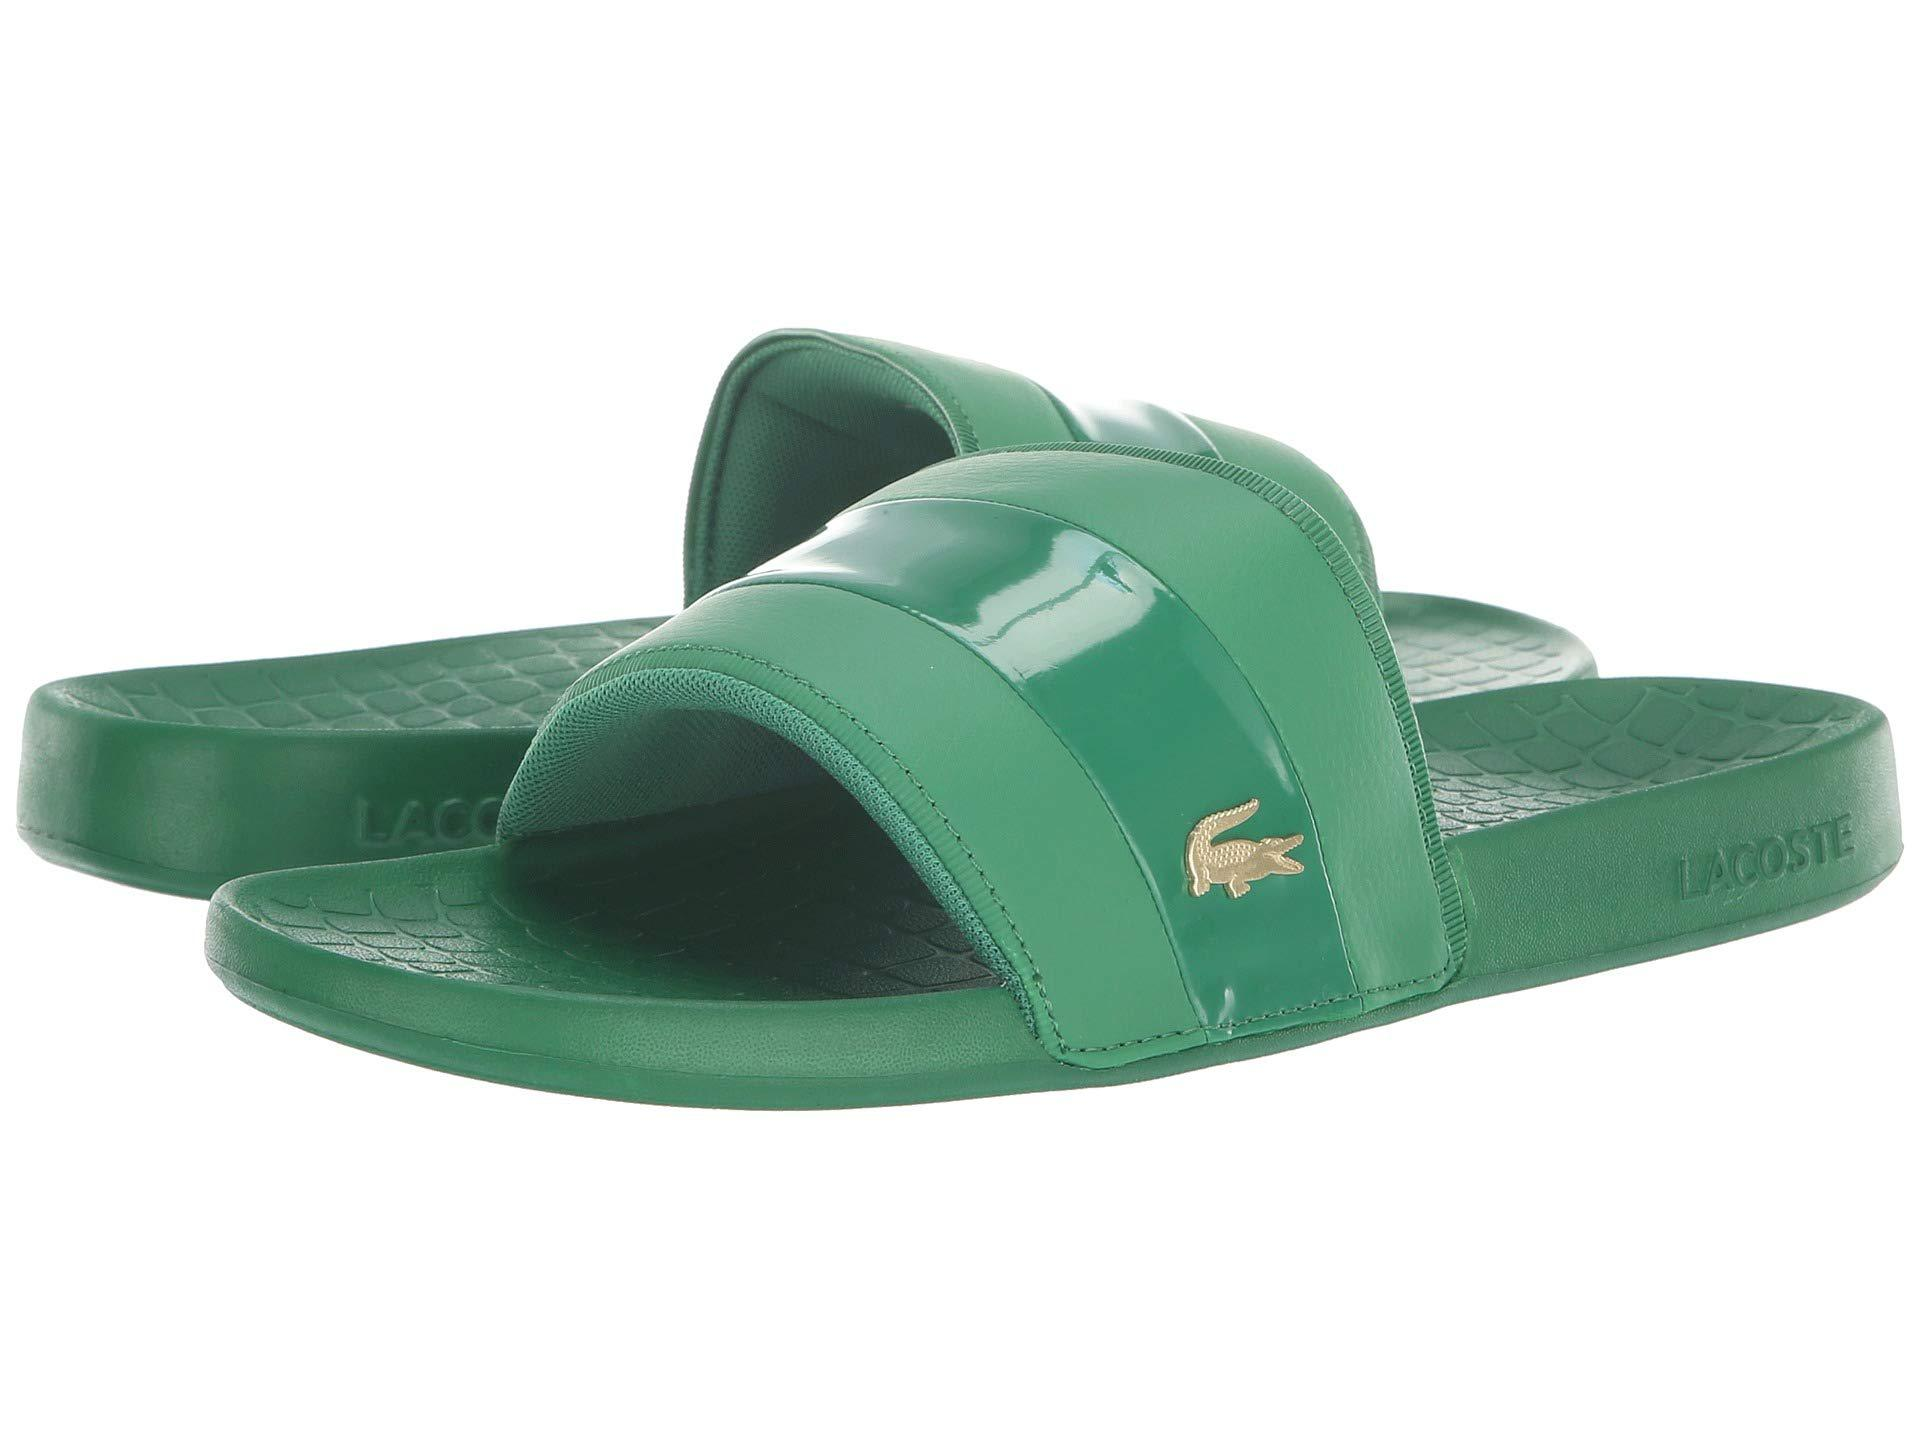 0082697850c39 Lacoste - Fraisier 118 1 U (green gold) Men s Shoes for Men -. View  fullscreen